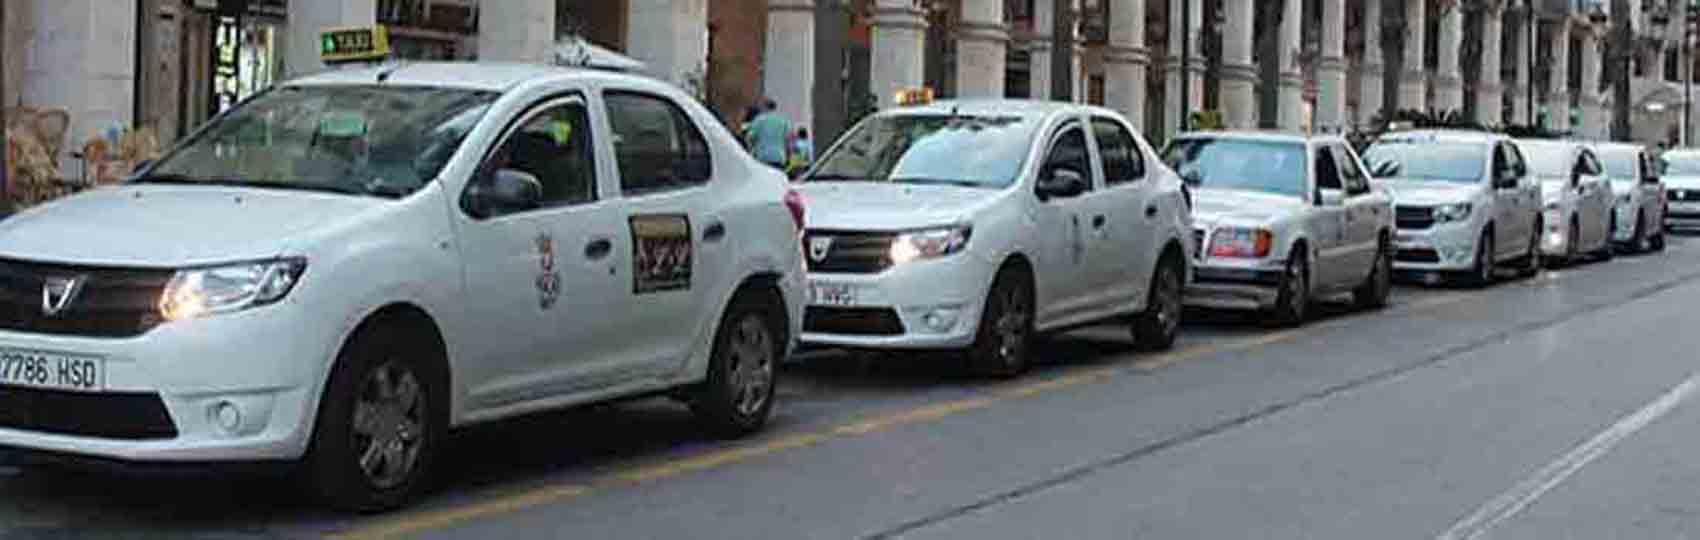 Noticias del sector del taxi y la movilidad en Ceuta. Mantente informado de todas las noticias del taxi de Ceuta en el grupo de Facebook de Todo Taxi.